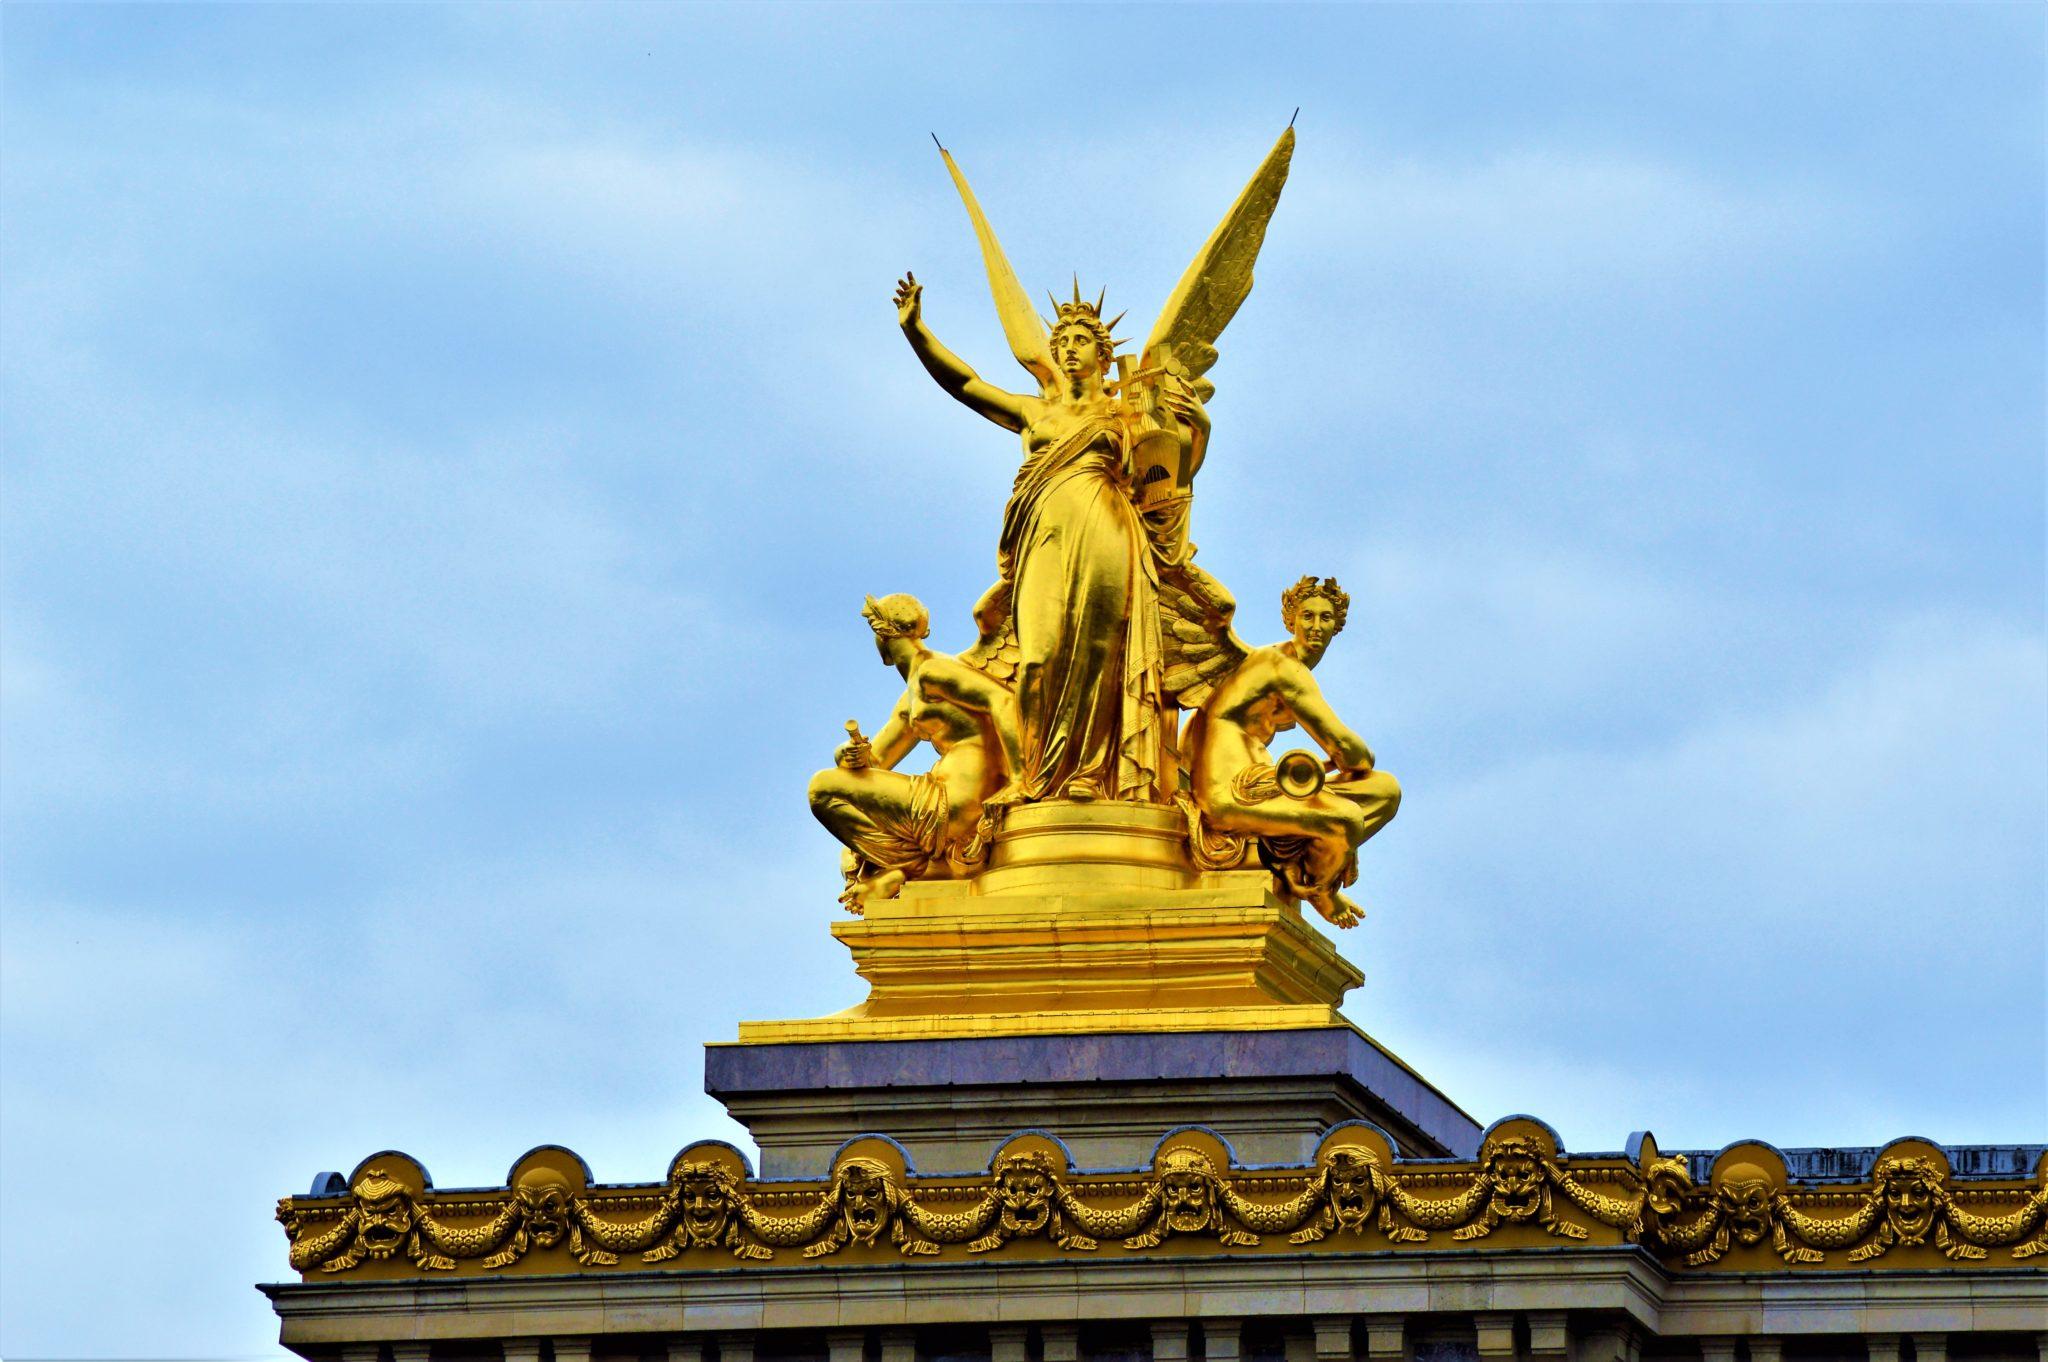 Gold statue, Academie De Musique, Paris, France